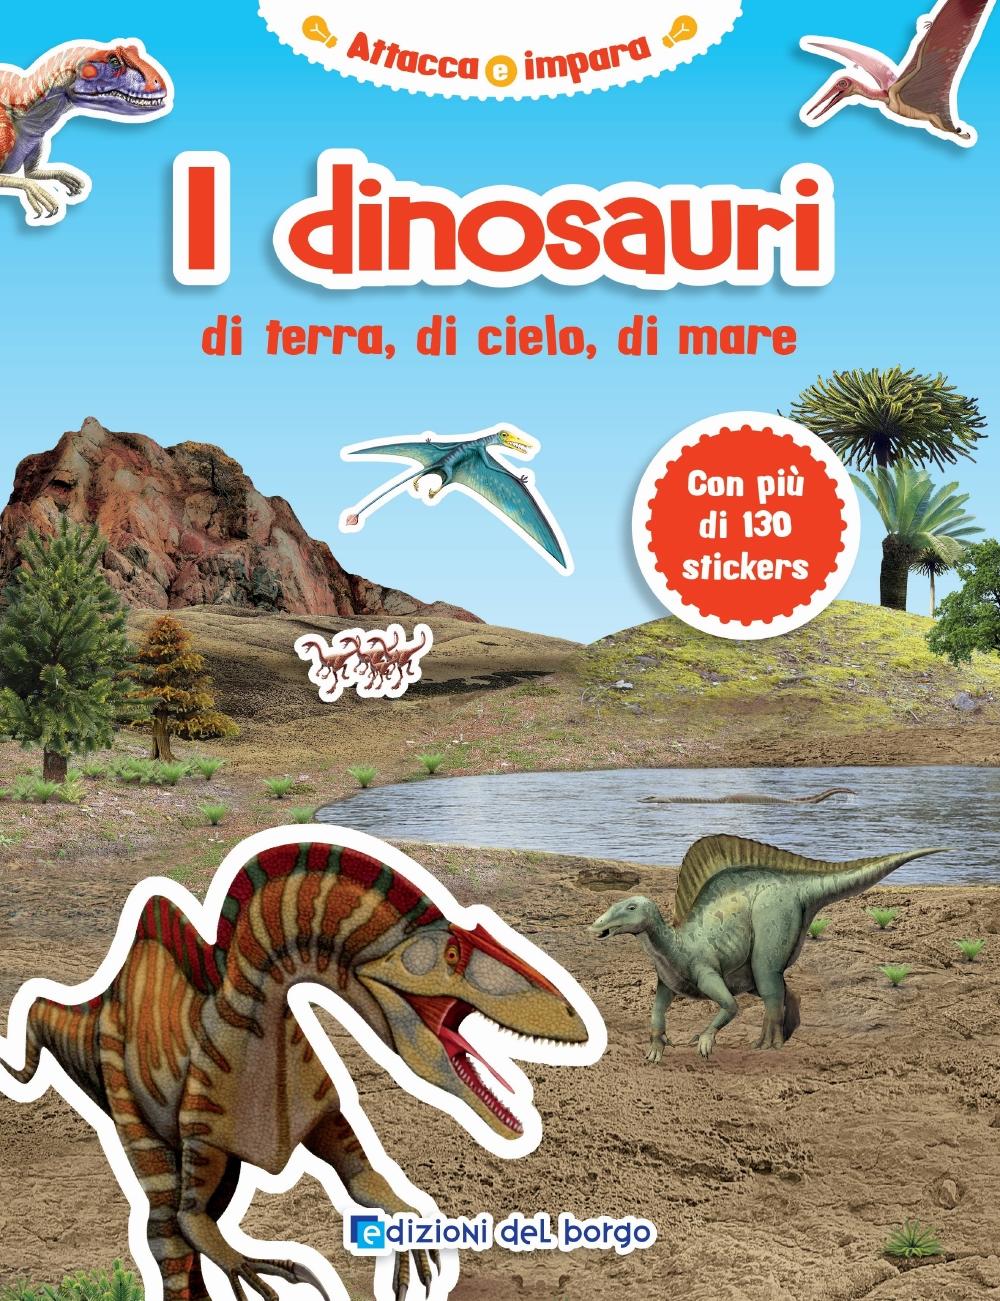 I dinosauri di terra, di cielo, di mare